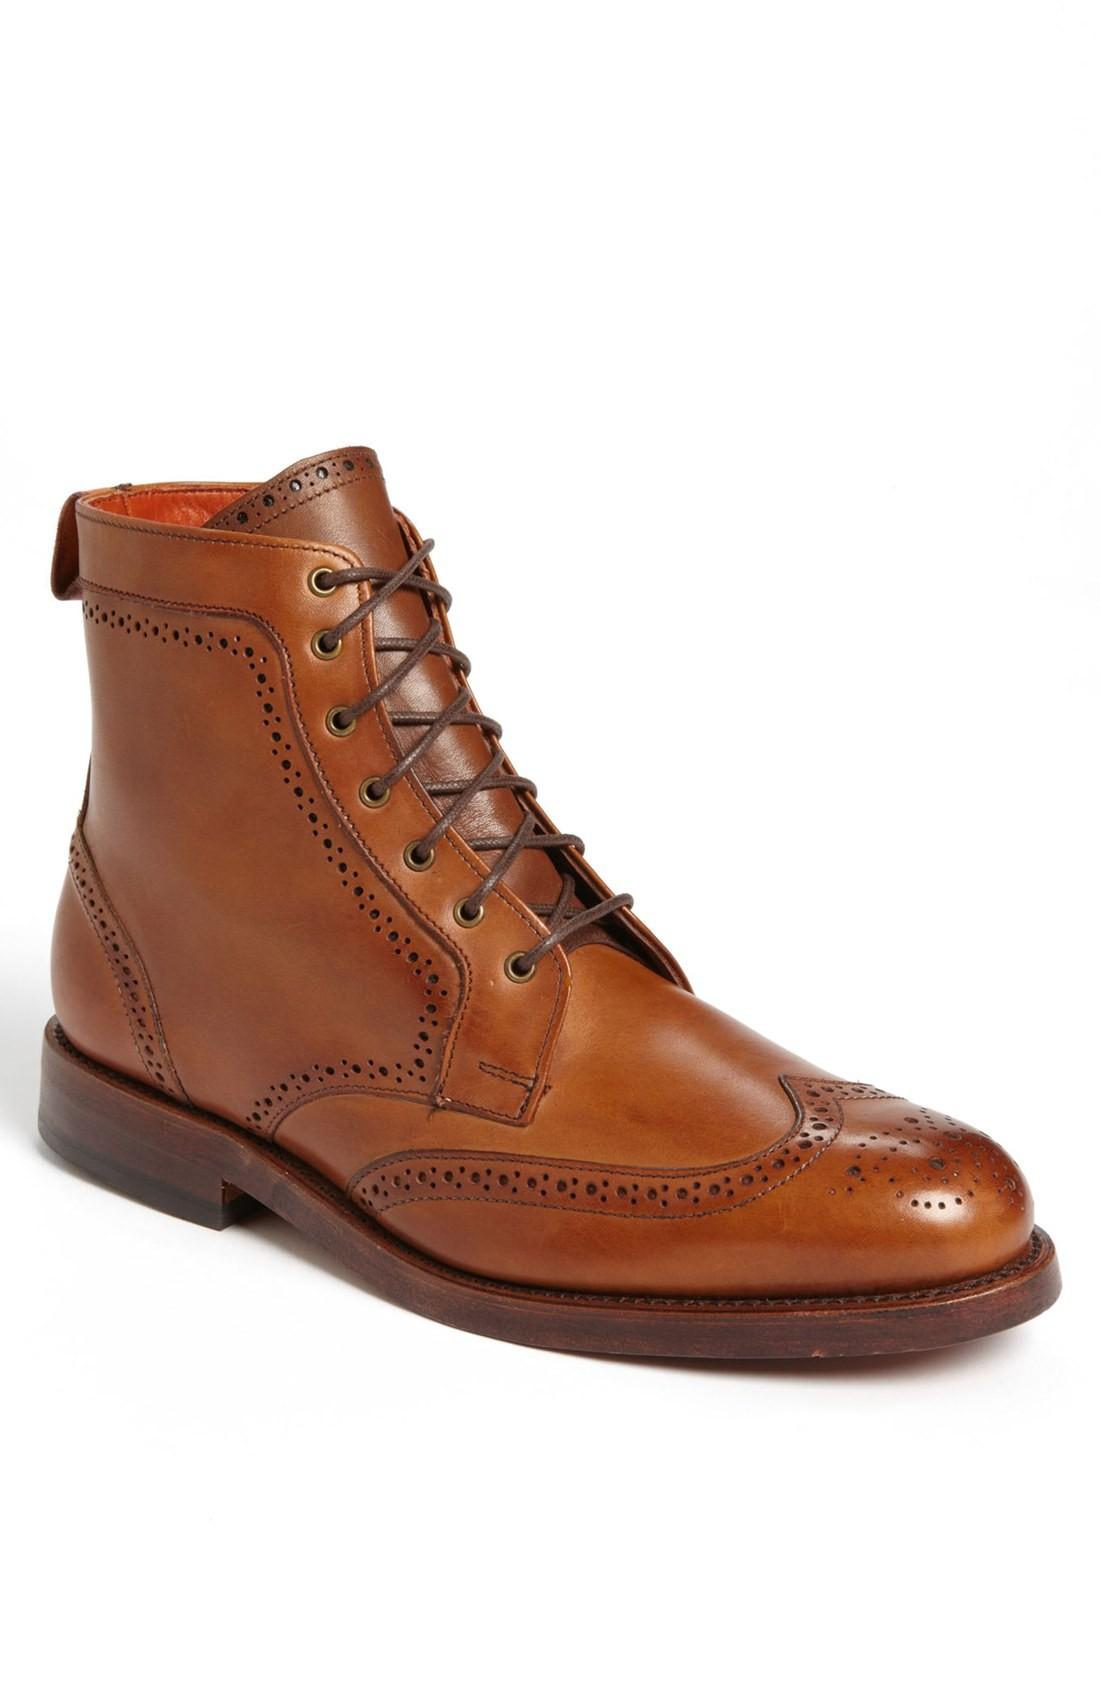 mens dress boots allen edmonds u0027daltonu0027 water resistant wingtip boot (men) (online ... hiovsjg